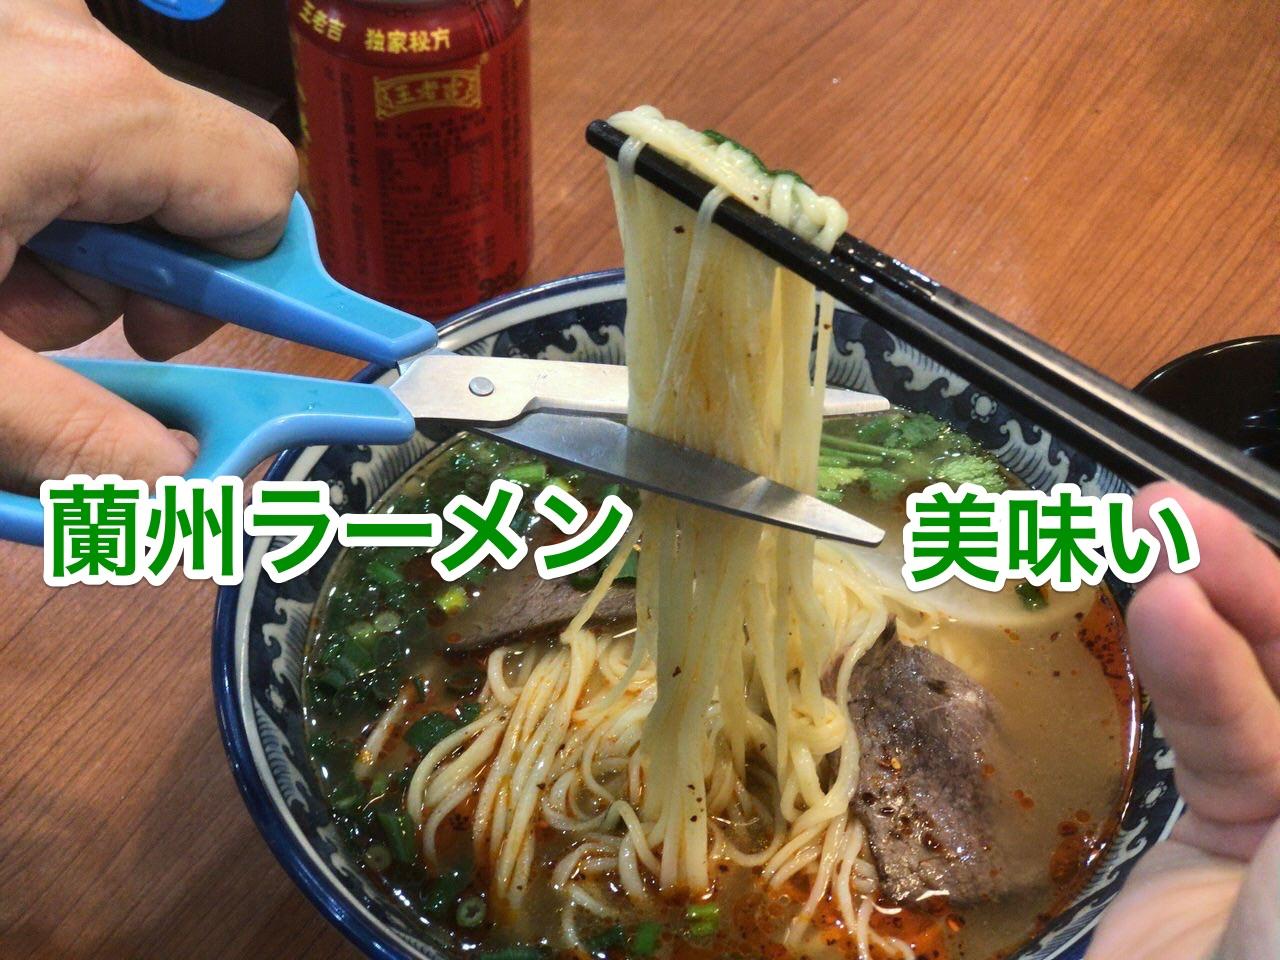 【蘭州ラーメン】「蘭州拉麺 火焔山」羊肉料理もオススメ!【池袋】